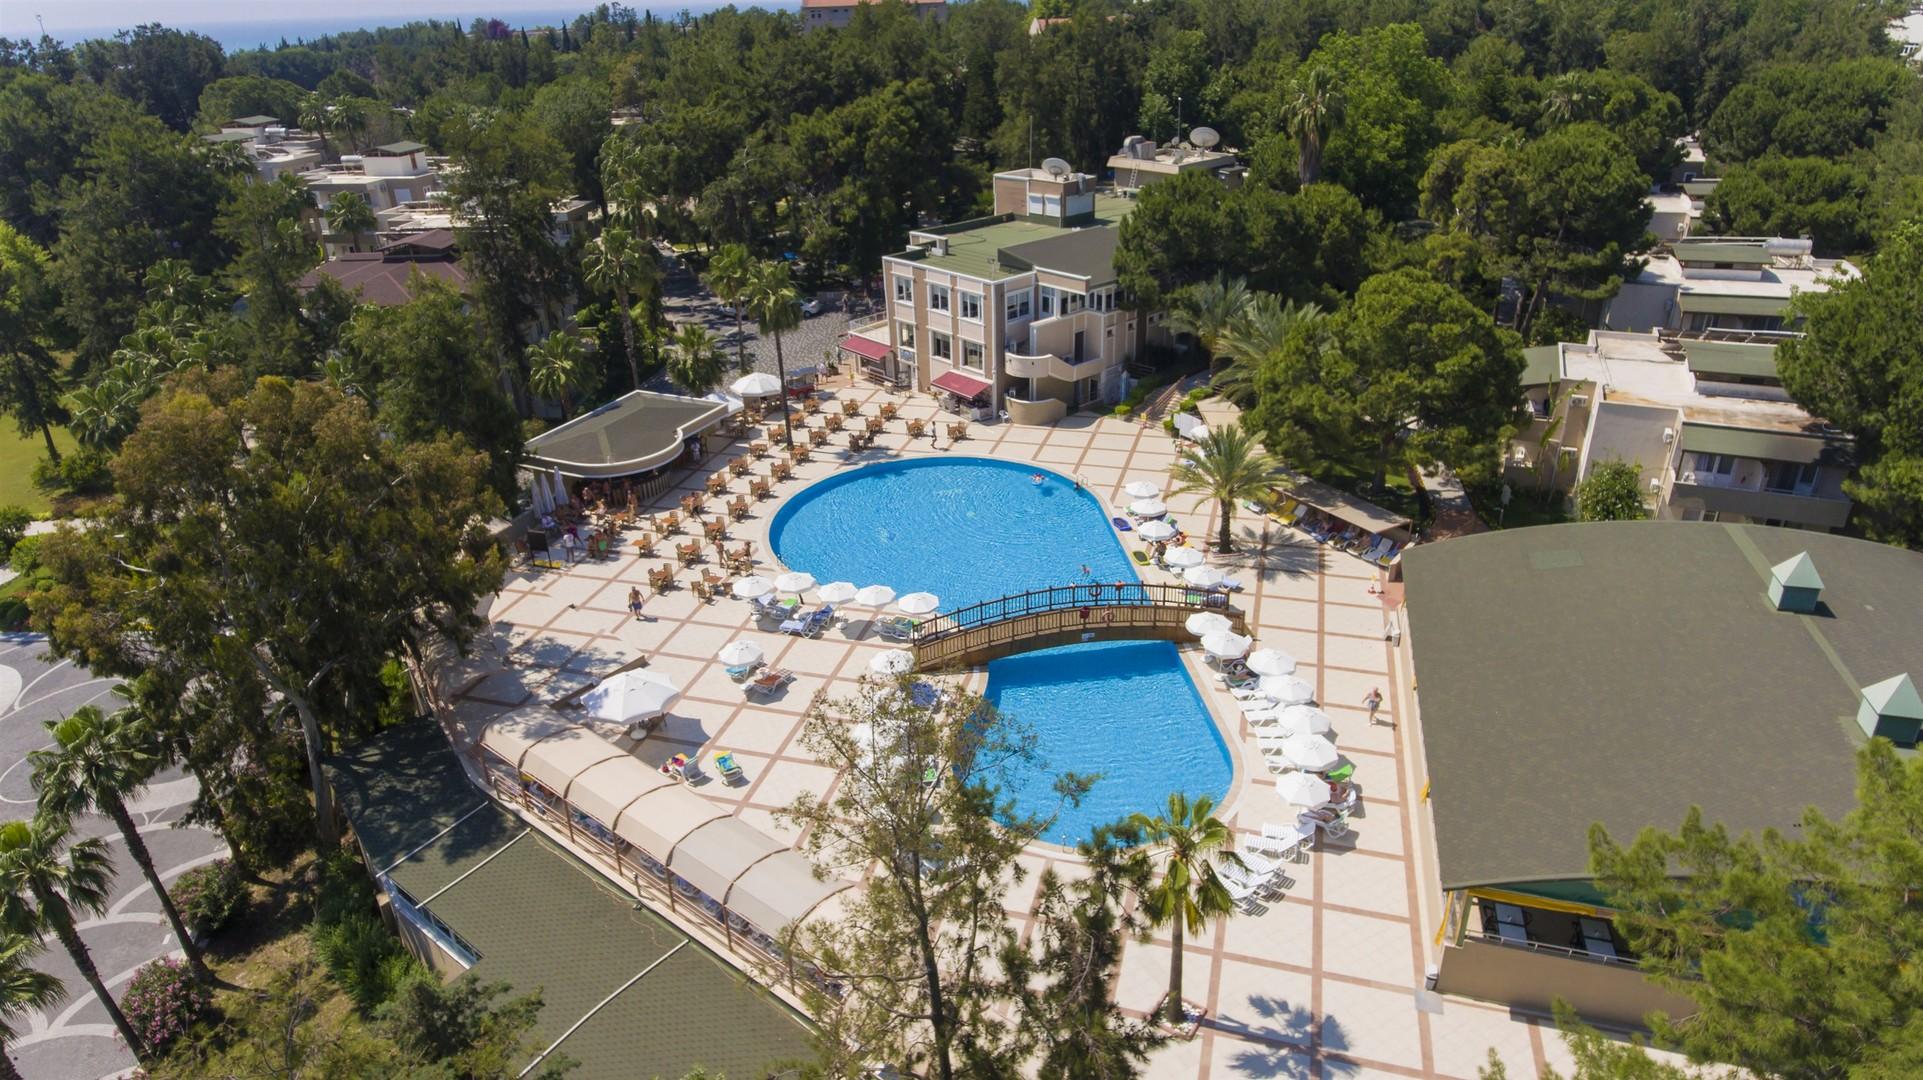 Hotel Club Sidelya #2